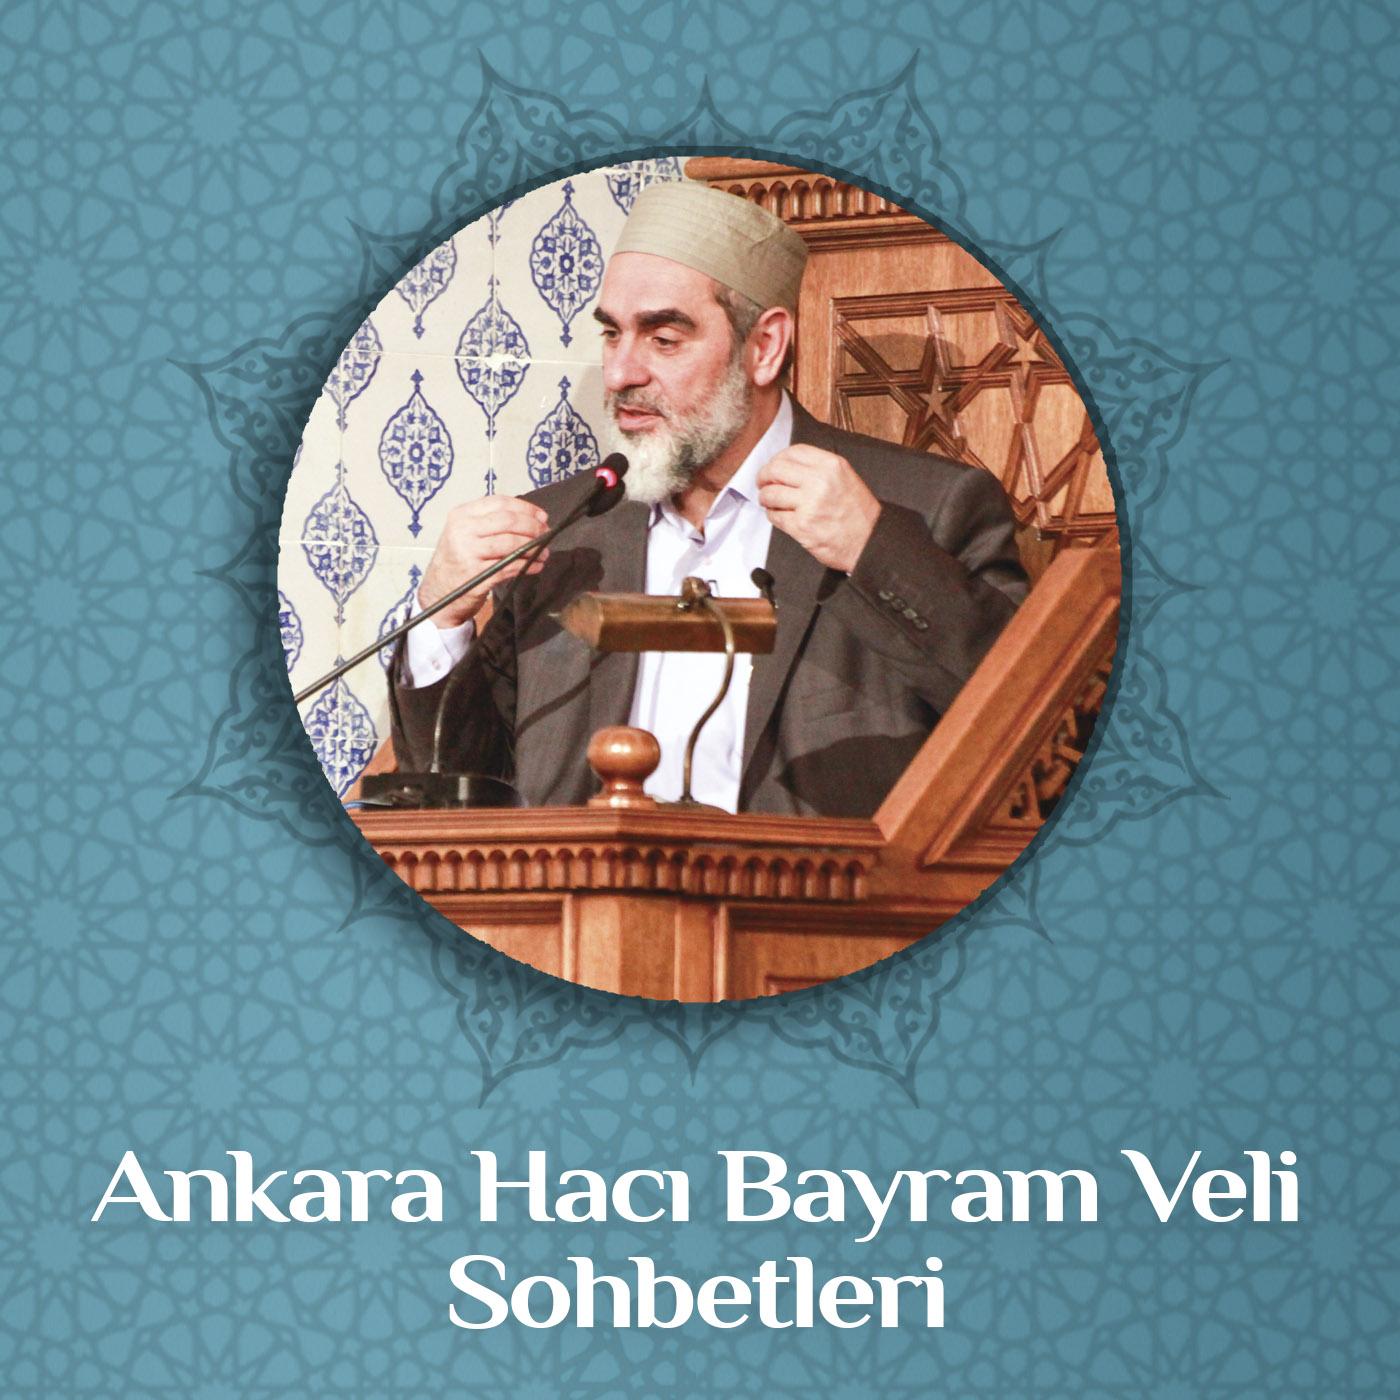 Ankara Hacı Bayram Veli Sohbetleri (Video) | Nureddin Yıldız